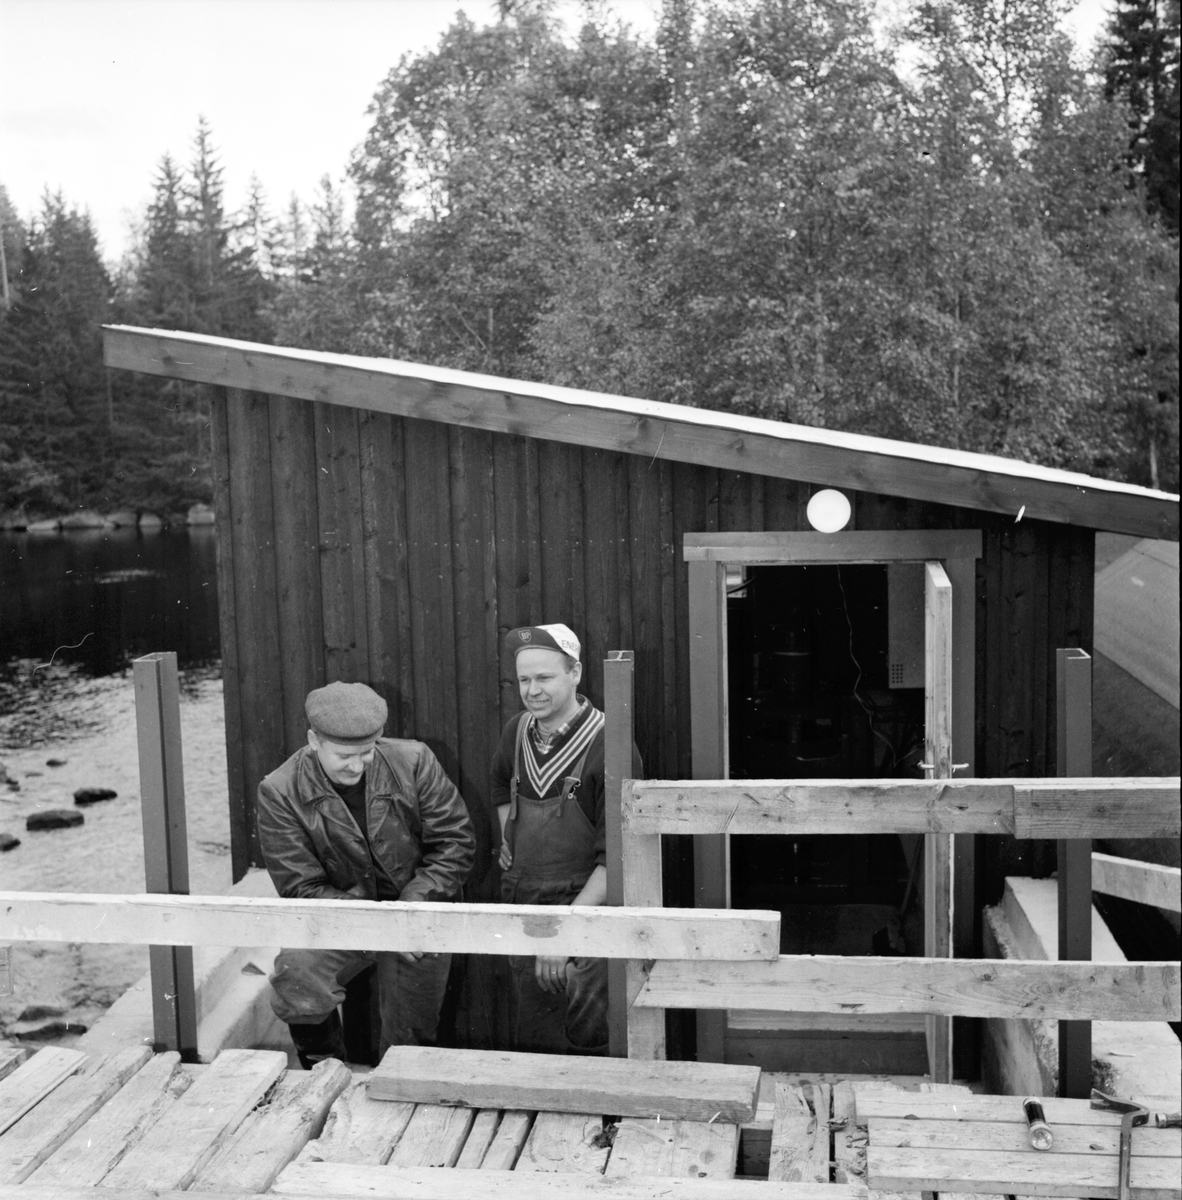 Olovsfors, Sörbo, Ny kraftstation vid sommarstugan, Åke Andersson, 12 Sept 1964